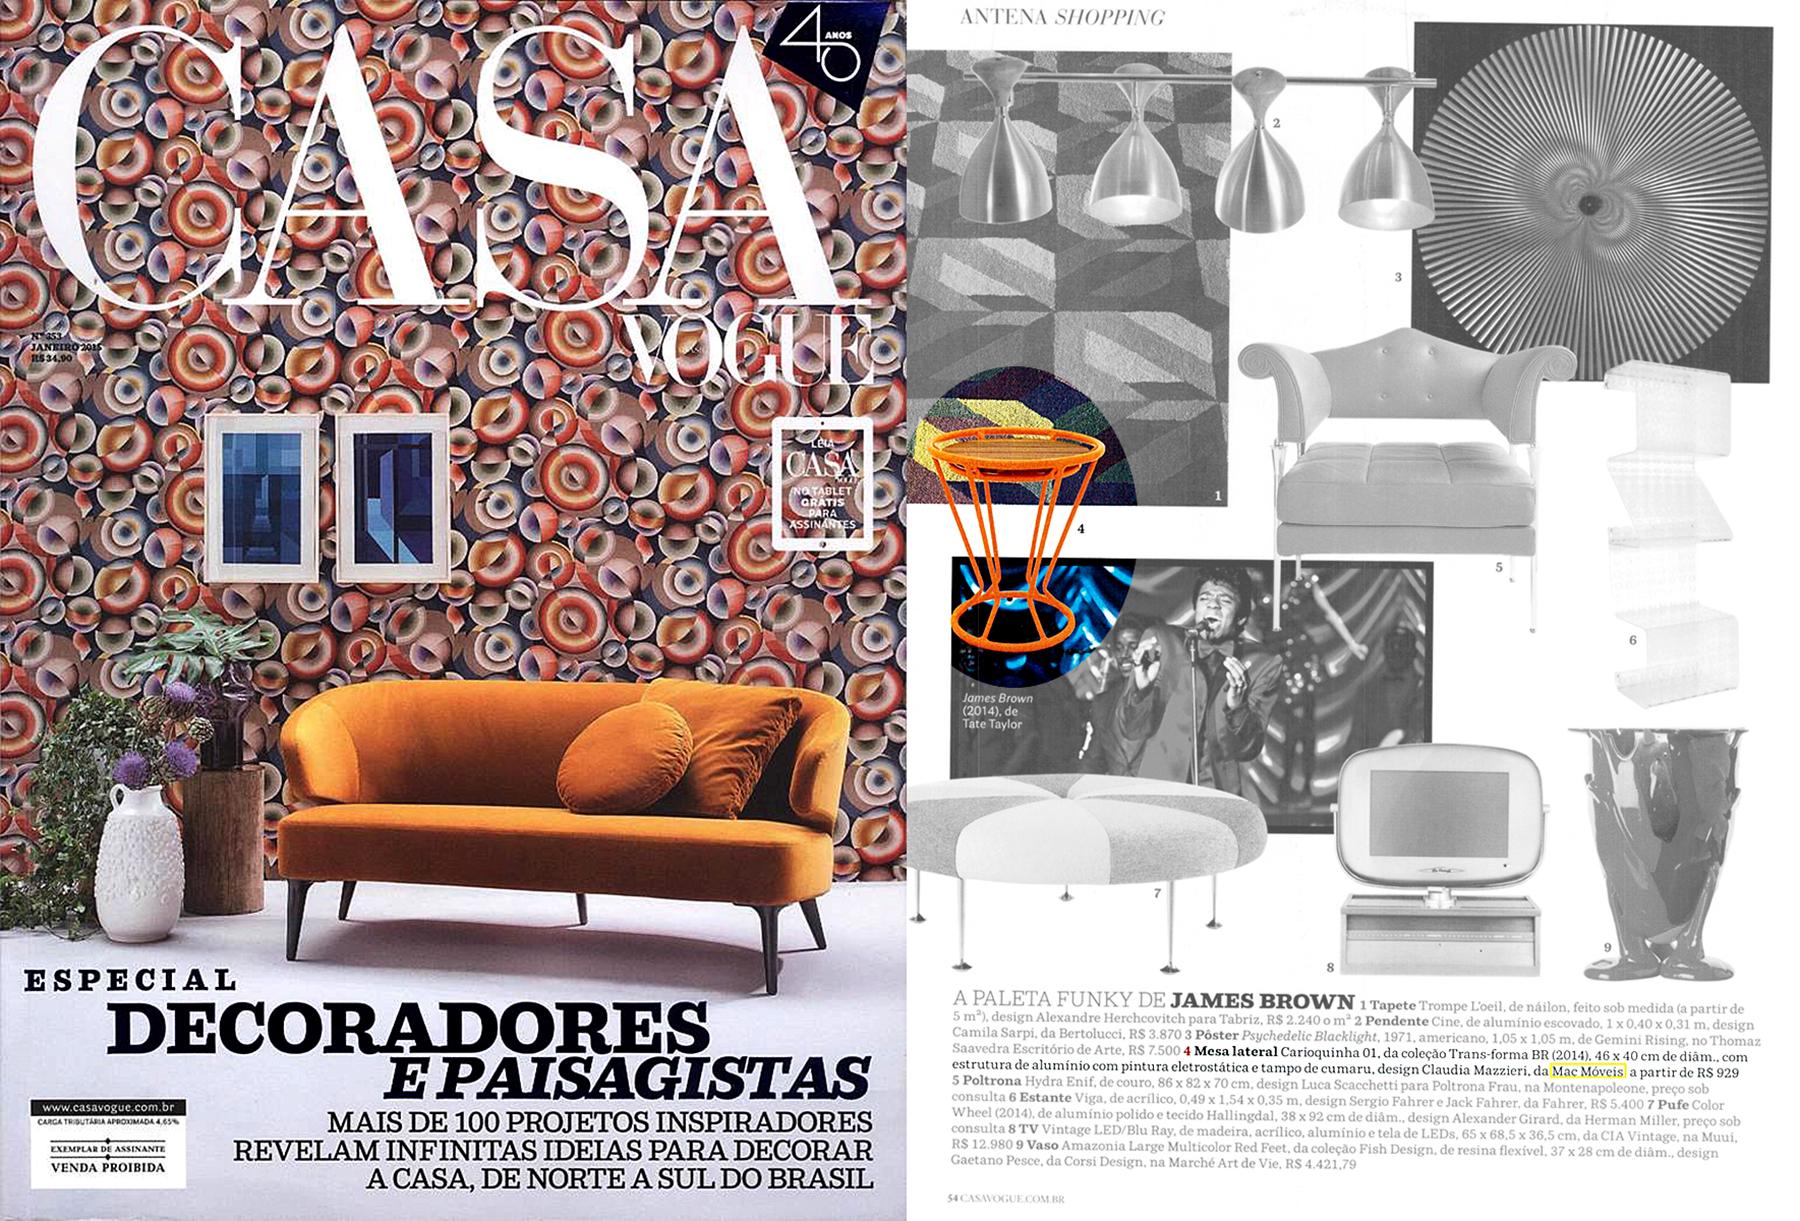 Casa Vogue nº 353 - January 2015